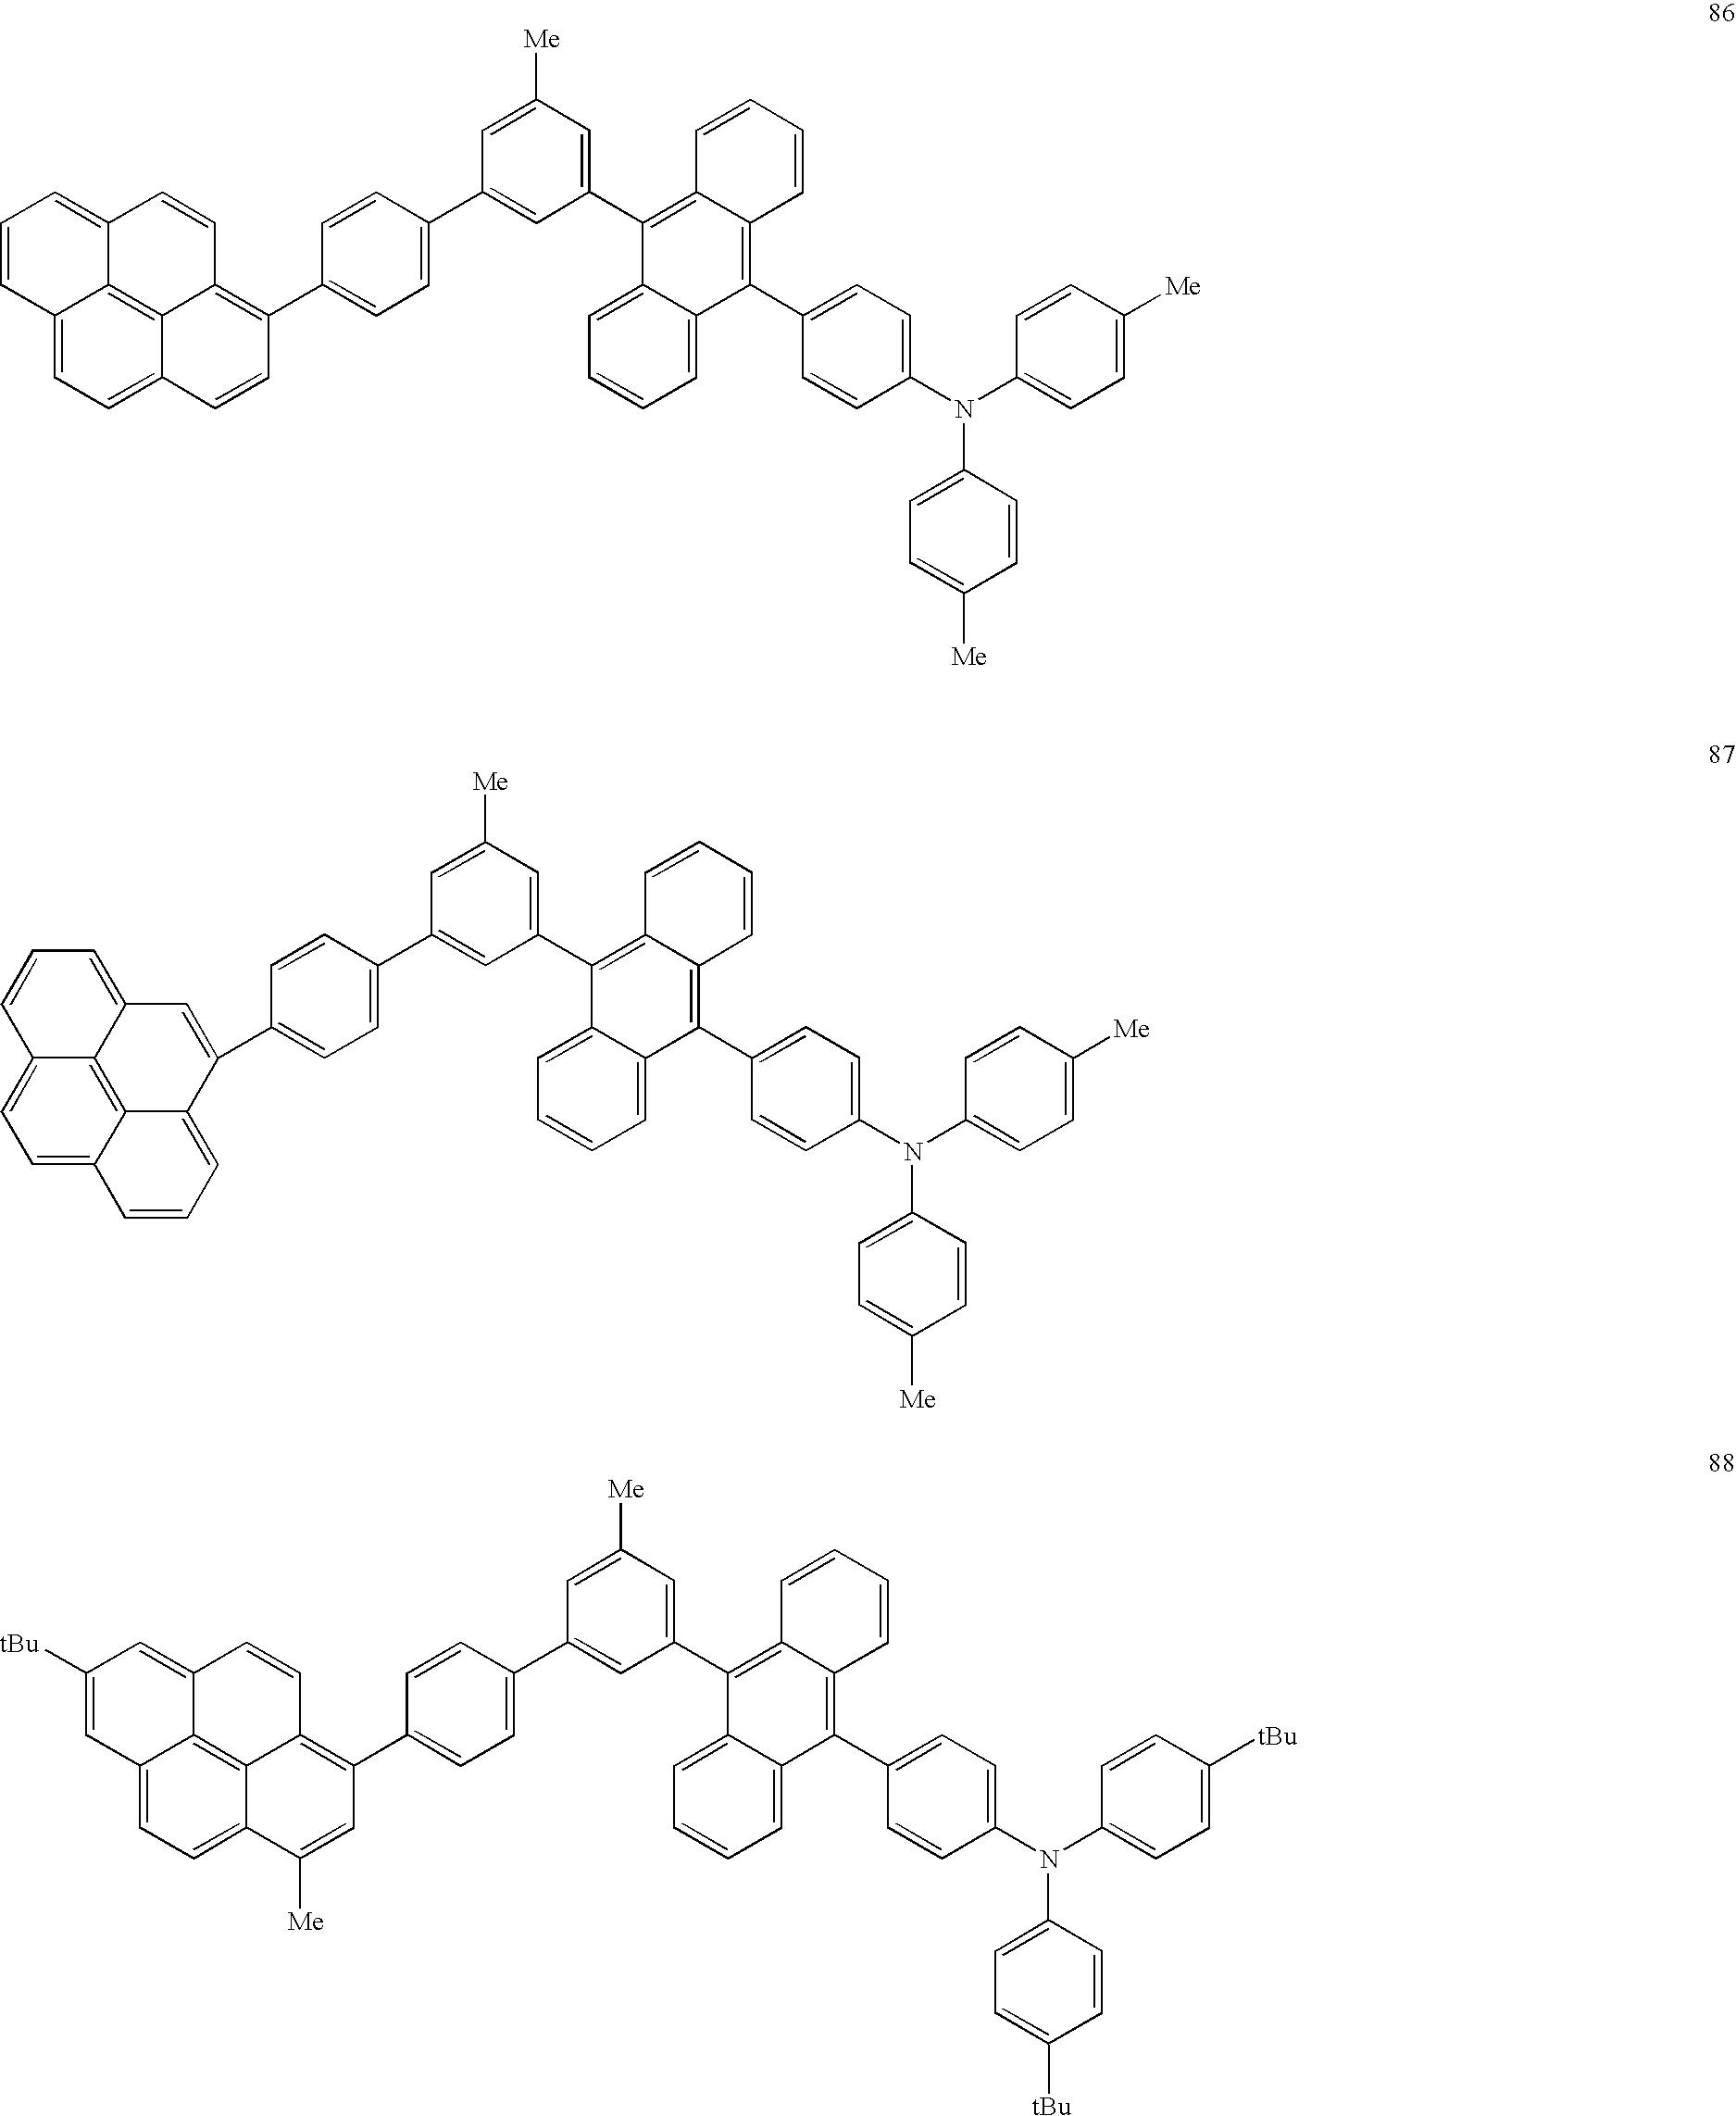 Figure US20060115678A1-20060601-C00015